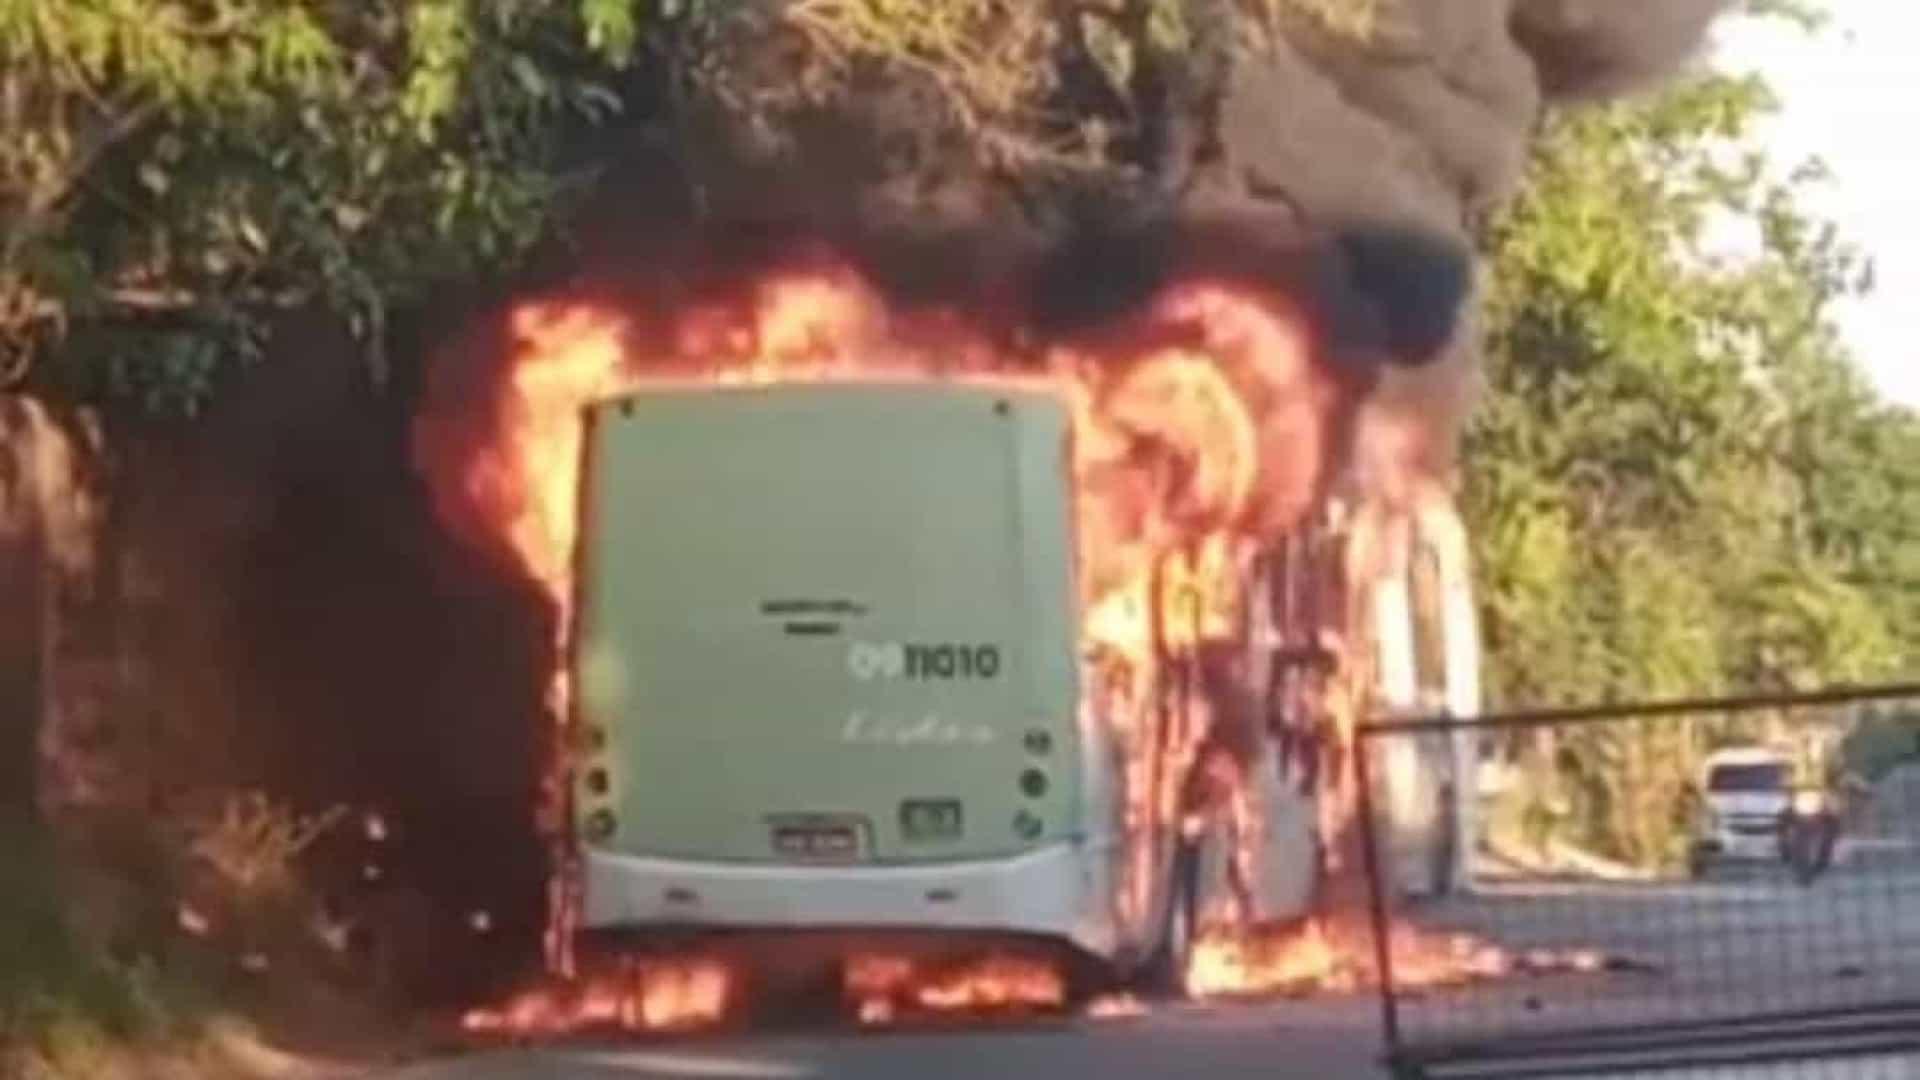 Viaturas e ônibus são incendiados após morte de traficante em Manaus